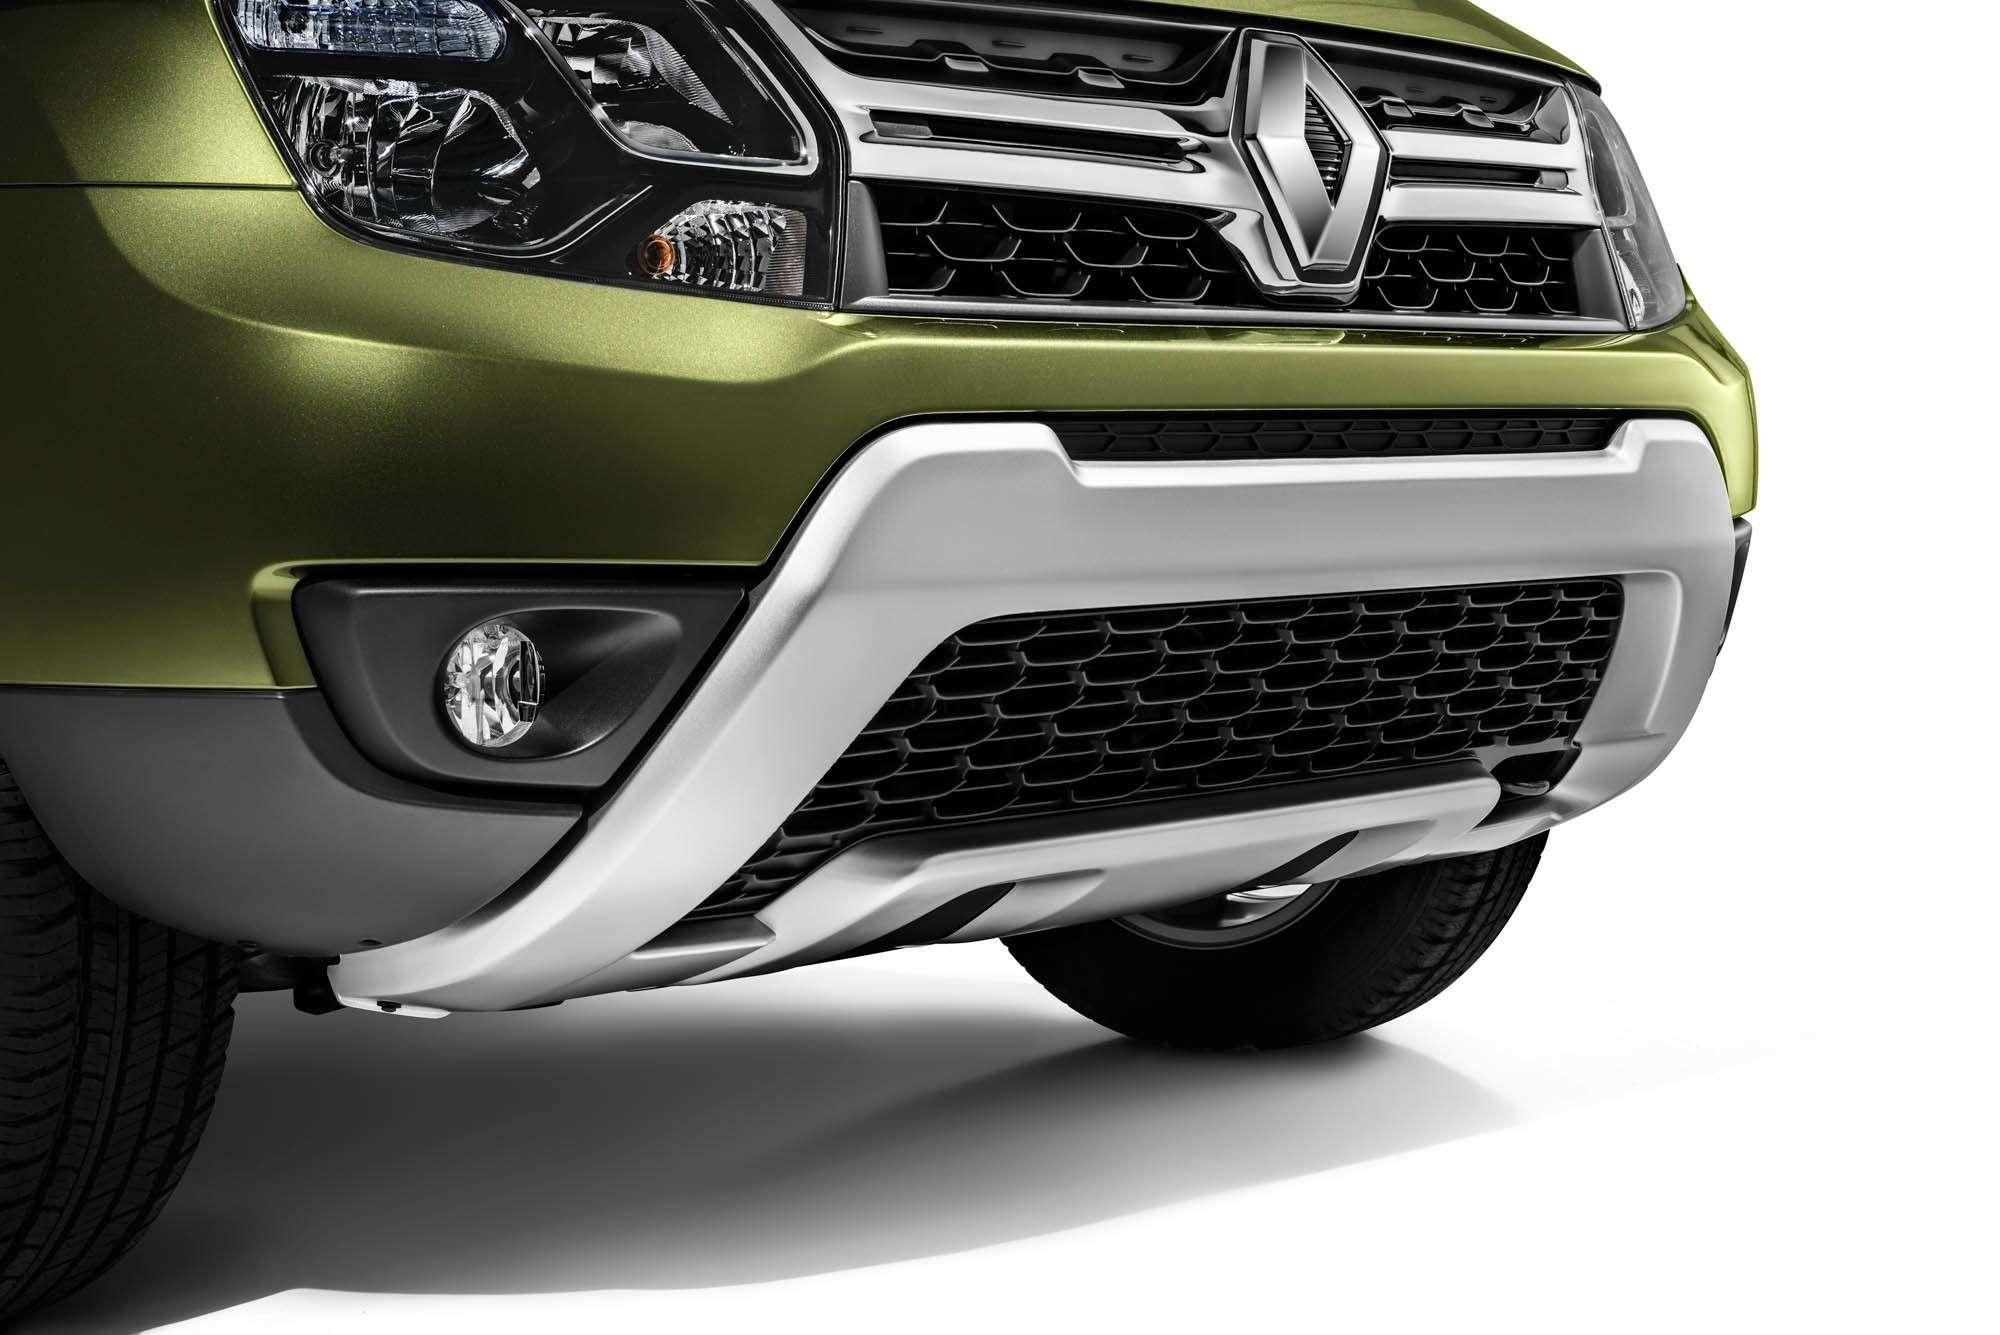 Renault_69509_ru_ru